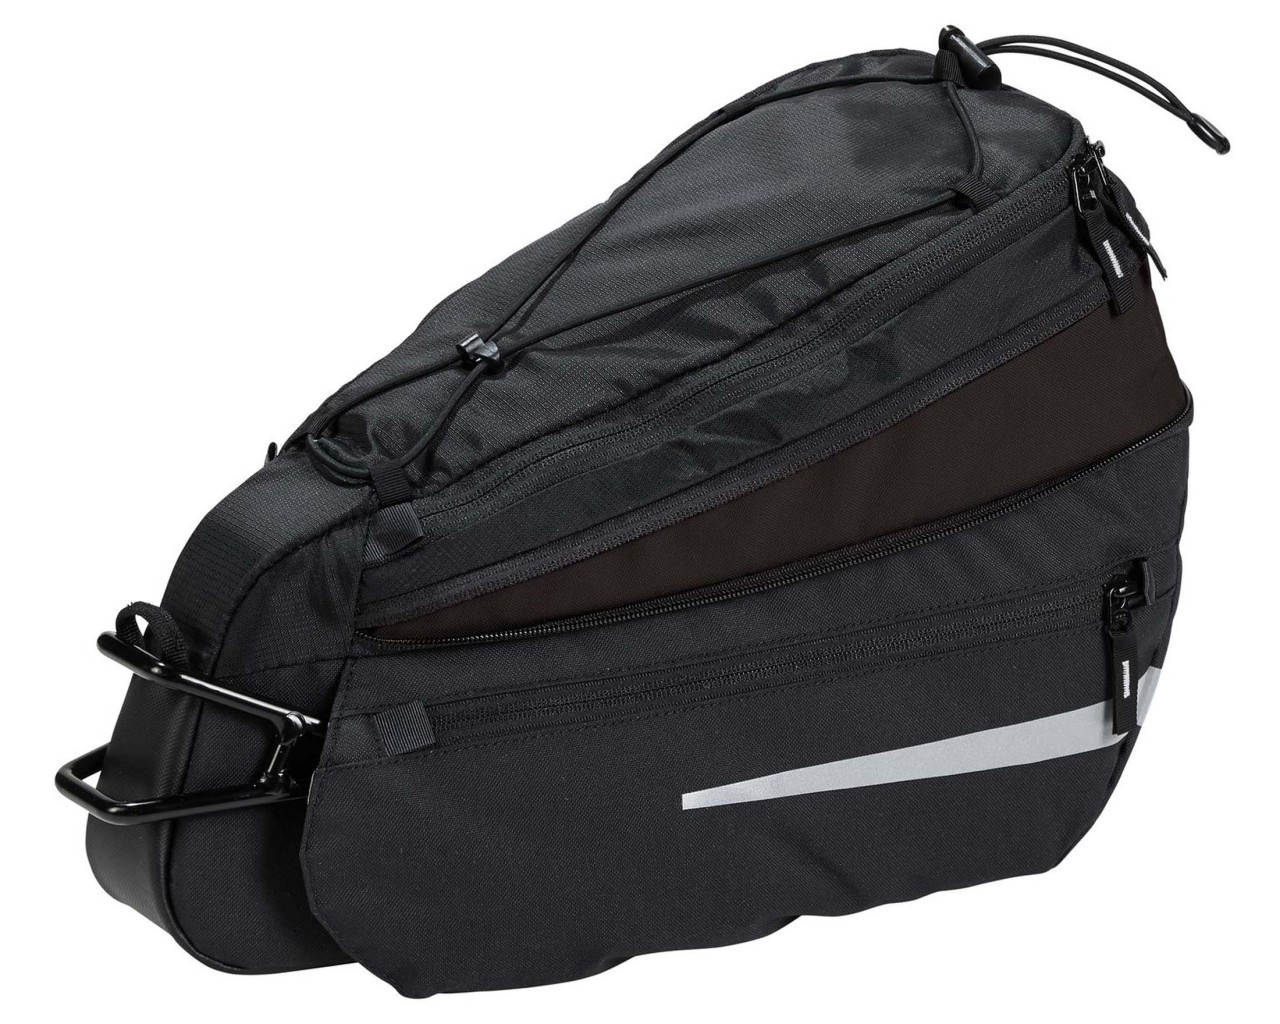 Vaude Off Road Bag M 7+3 litres Saddlebag for bike riding | black